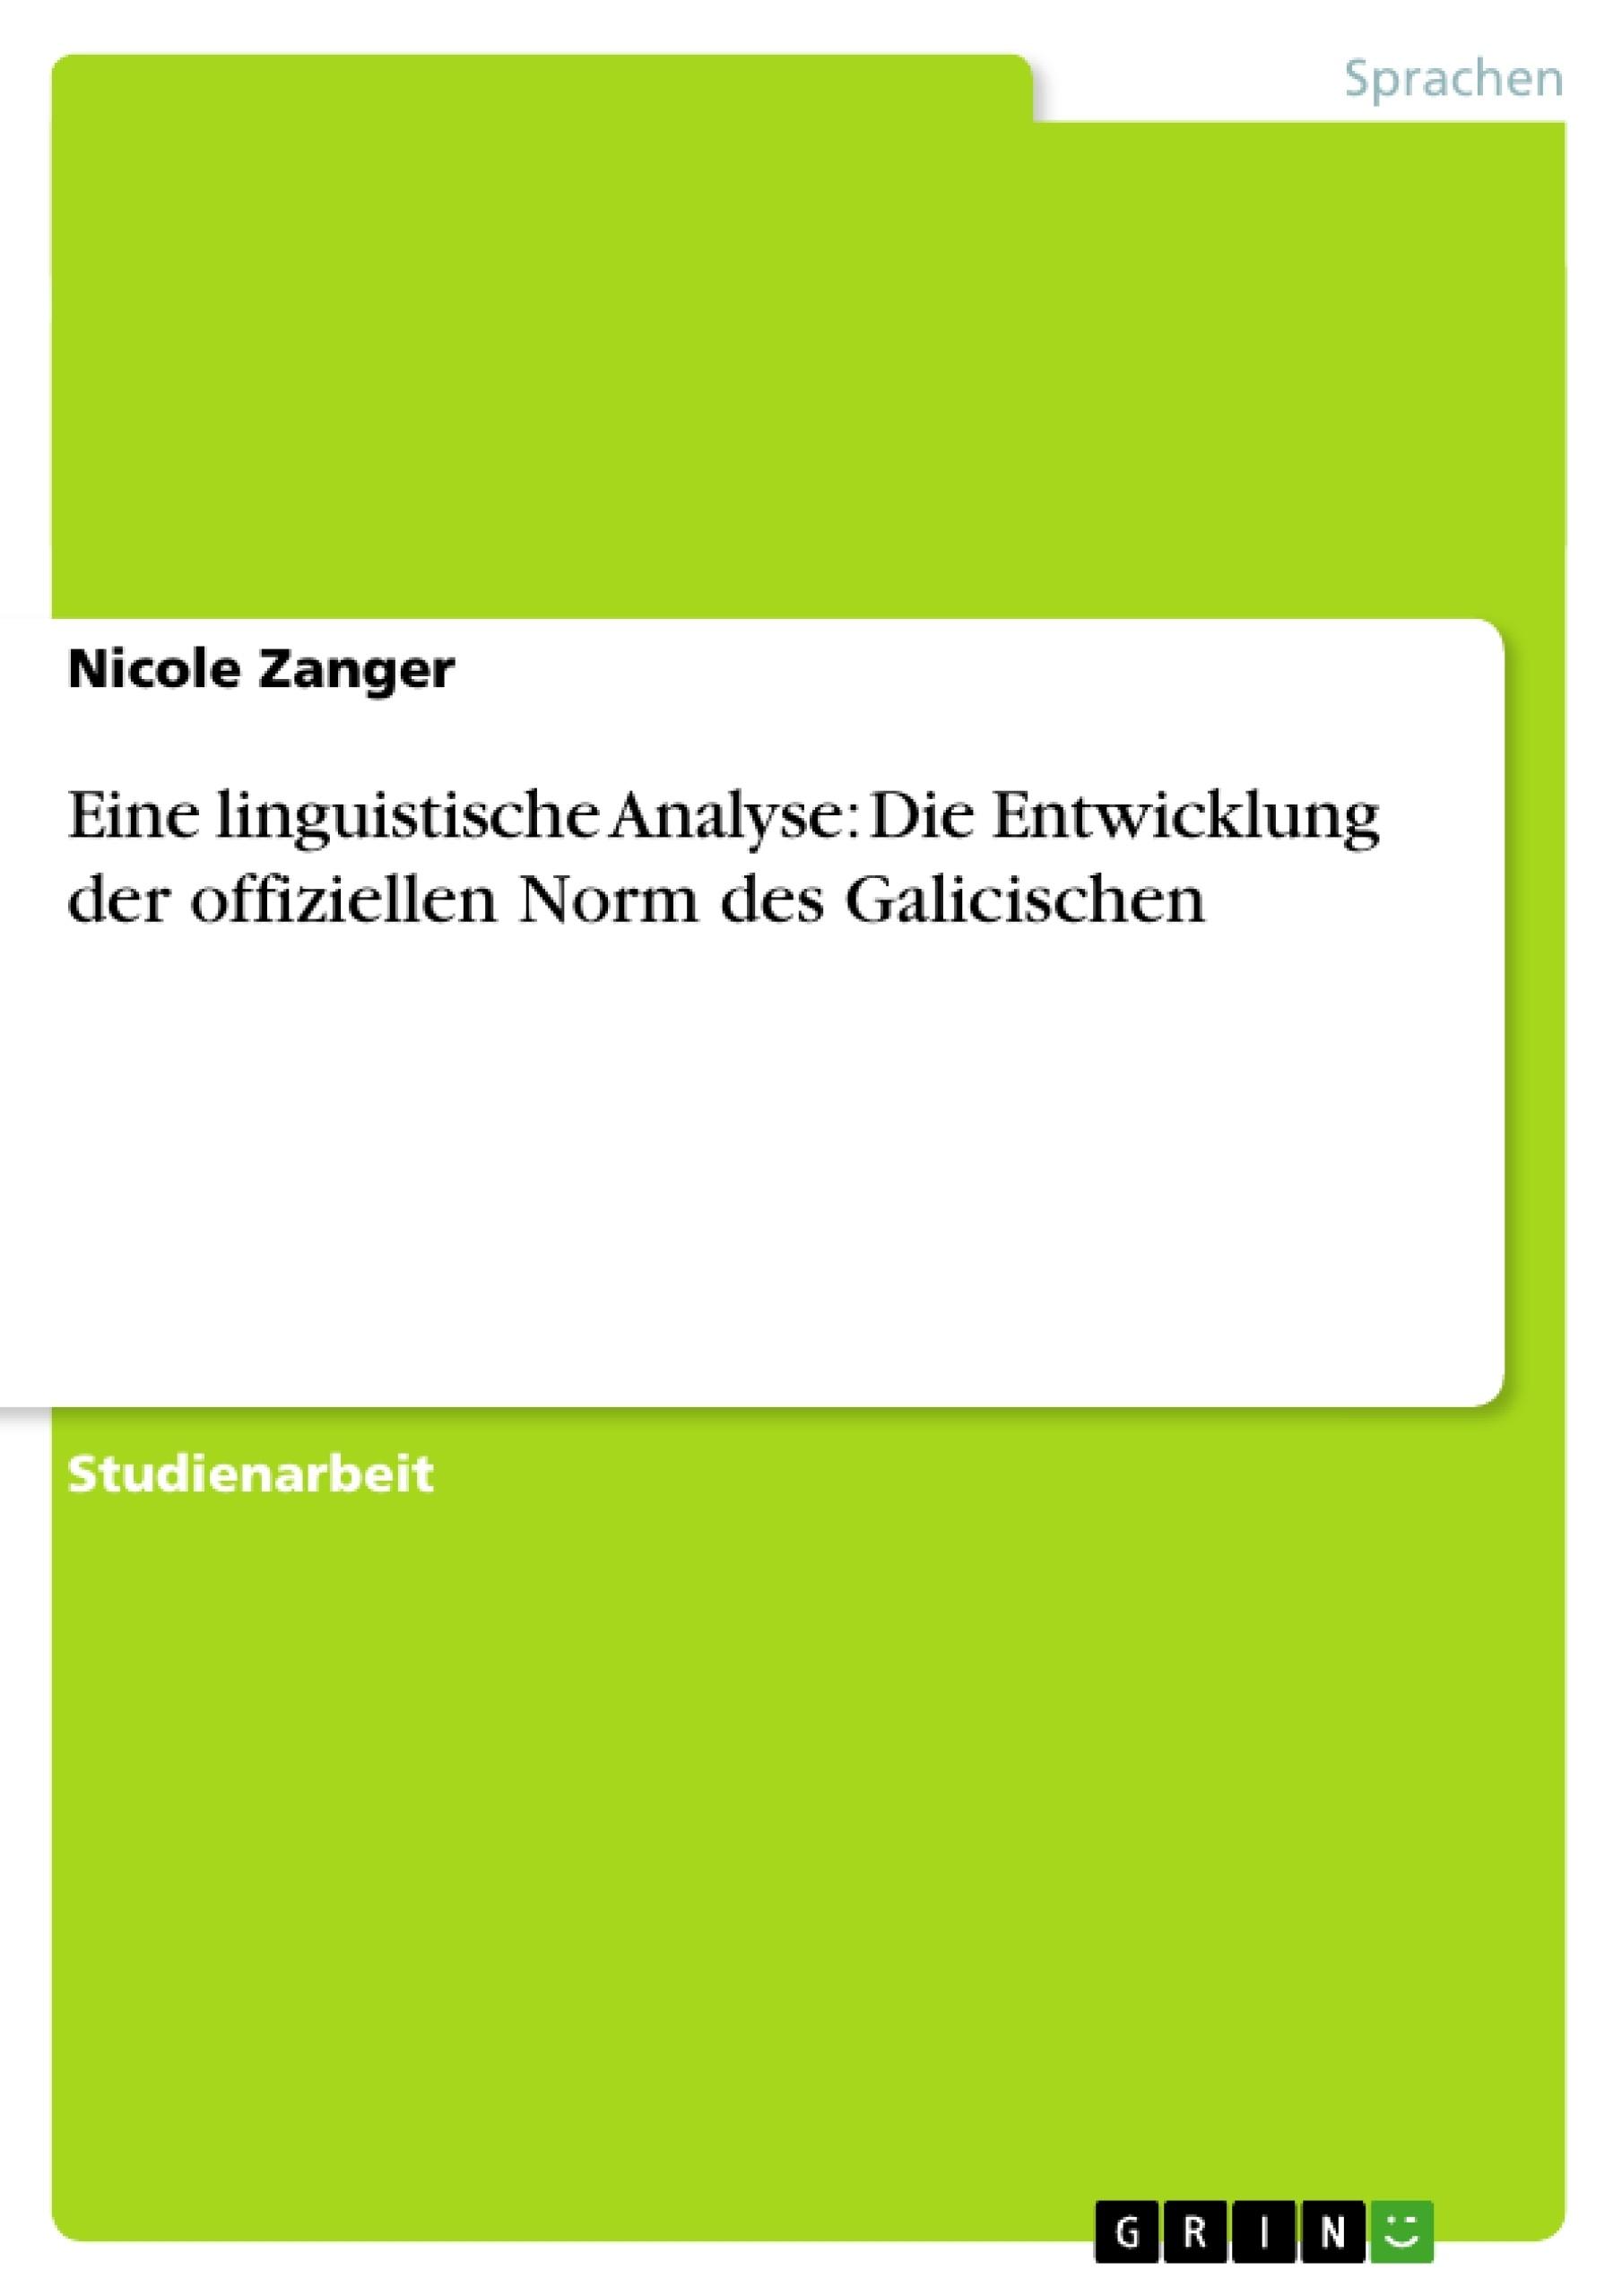 Titel: Eine linguistische Analyse: Die Entwicklung der offiziellen Norm des Galicischen